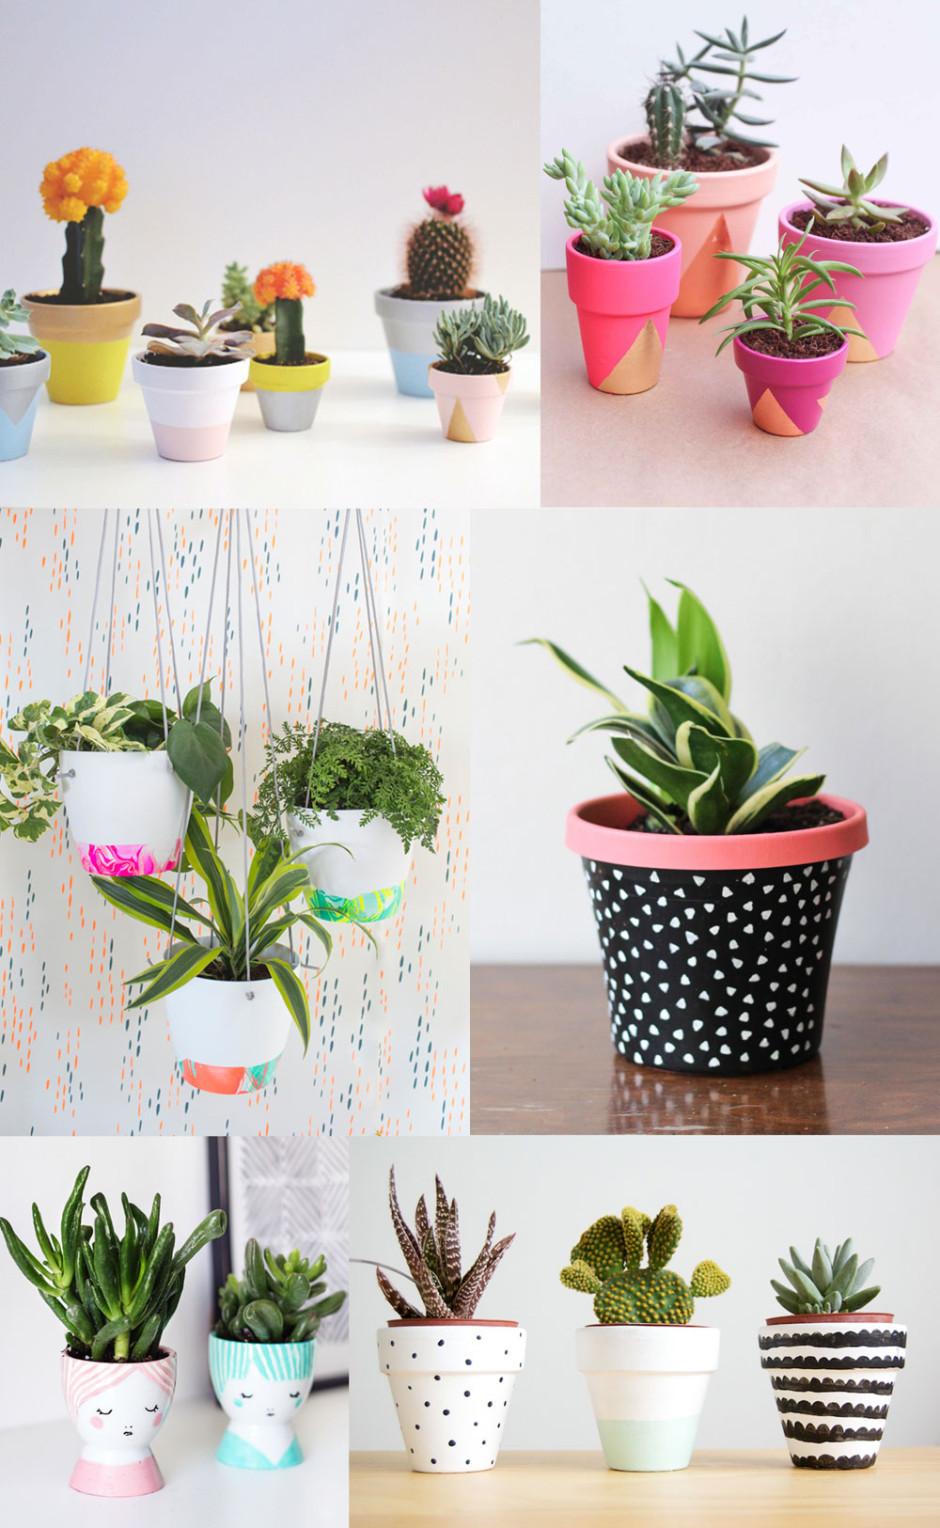 DIY-painted-pots